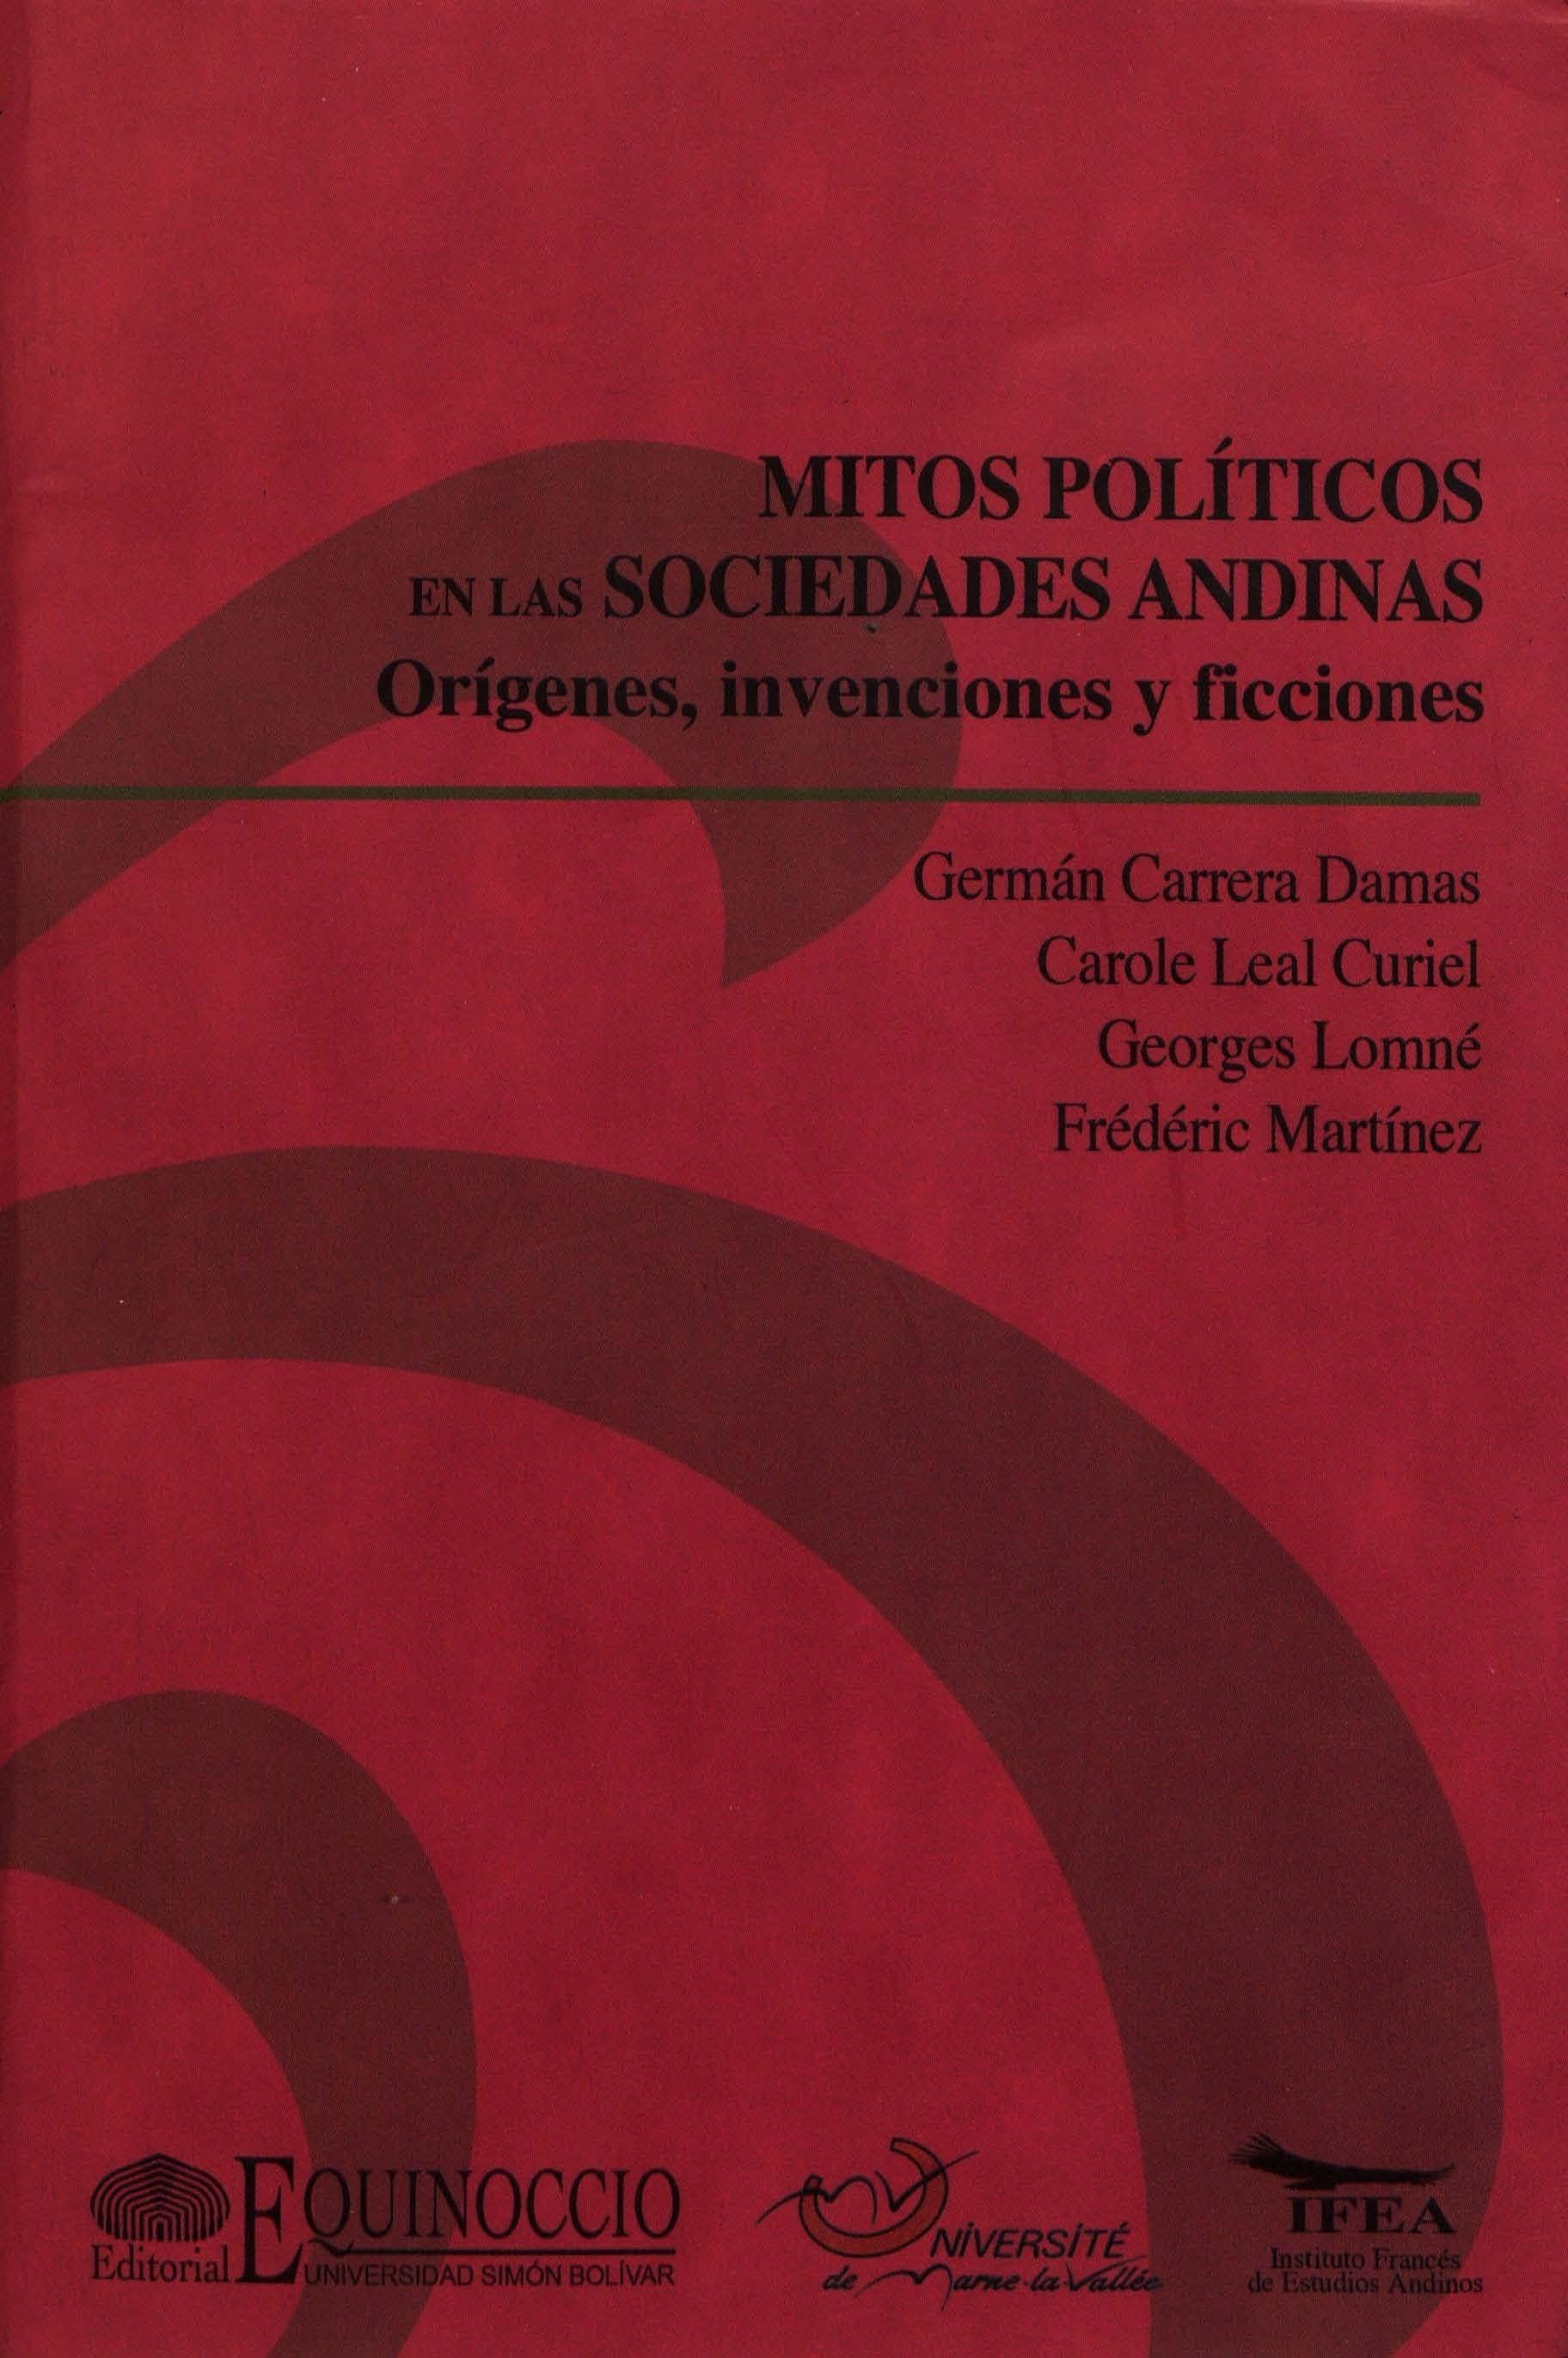 Mitos políticos en las sociedades andinas